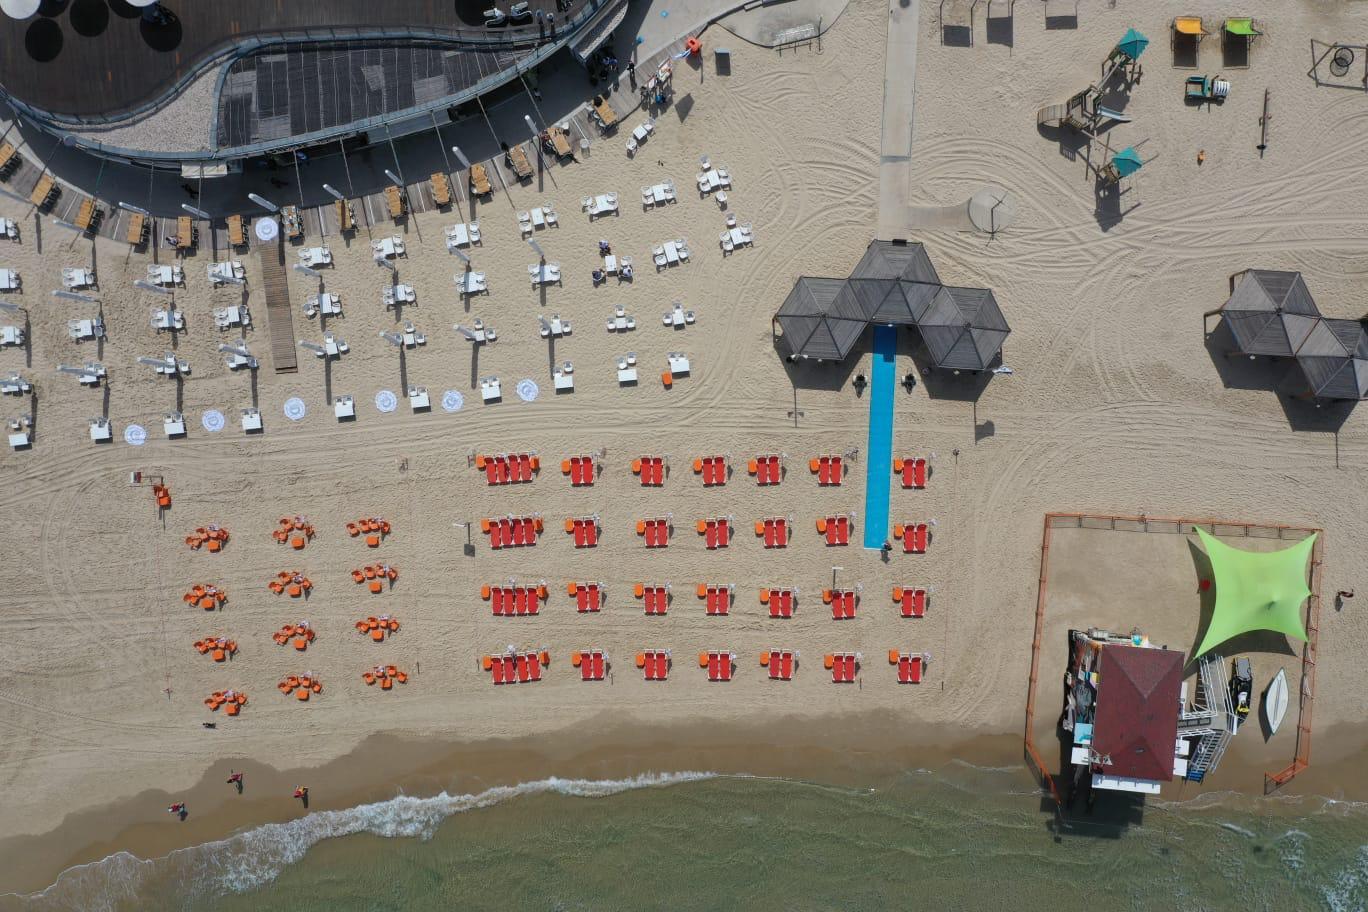 ריחוק חברתי על החוף, ככה זה נראה. מתווה העירייה לפתיחת החופים (צילום רחפן: אילן שפירא)